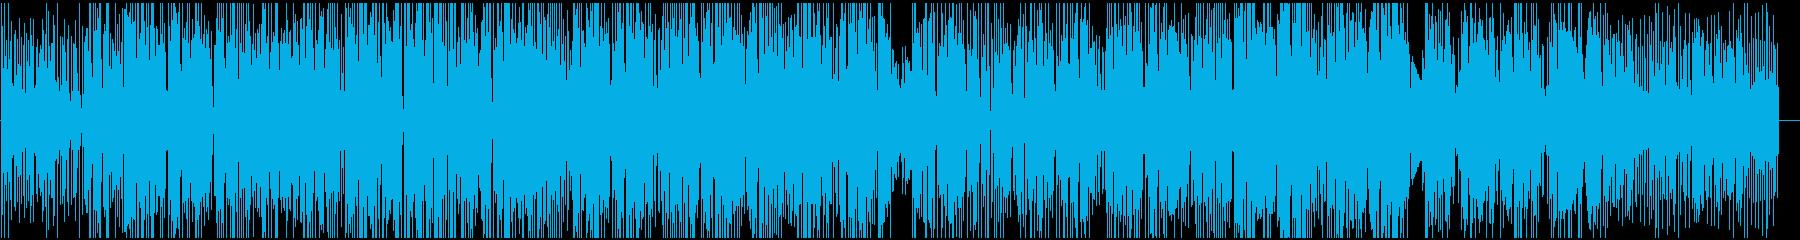 ジャジーな雰囲気のブレイクビーツBGMの再生済みの波形